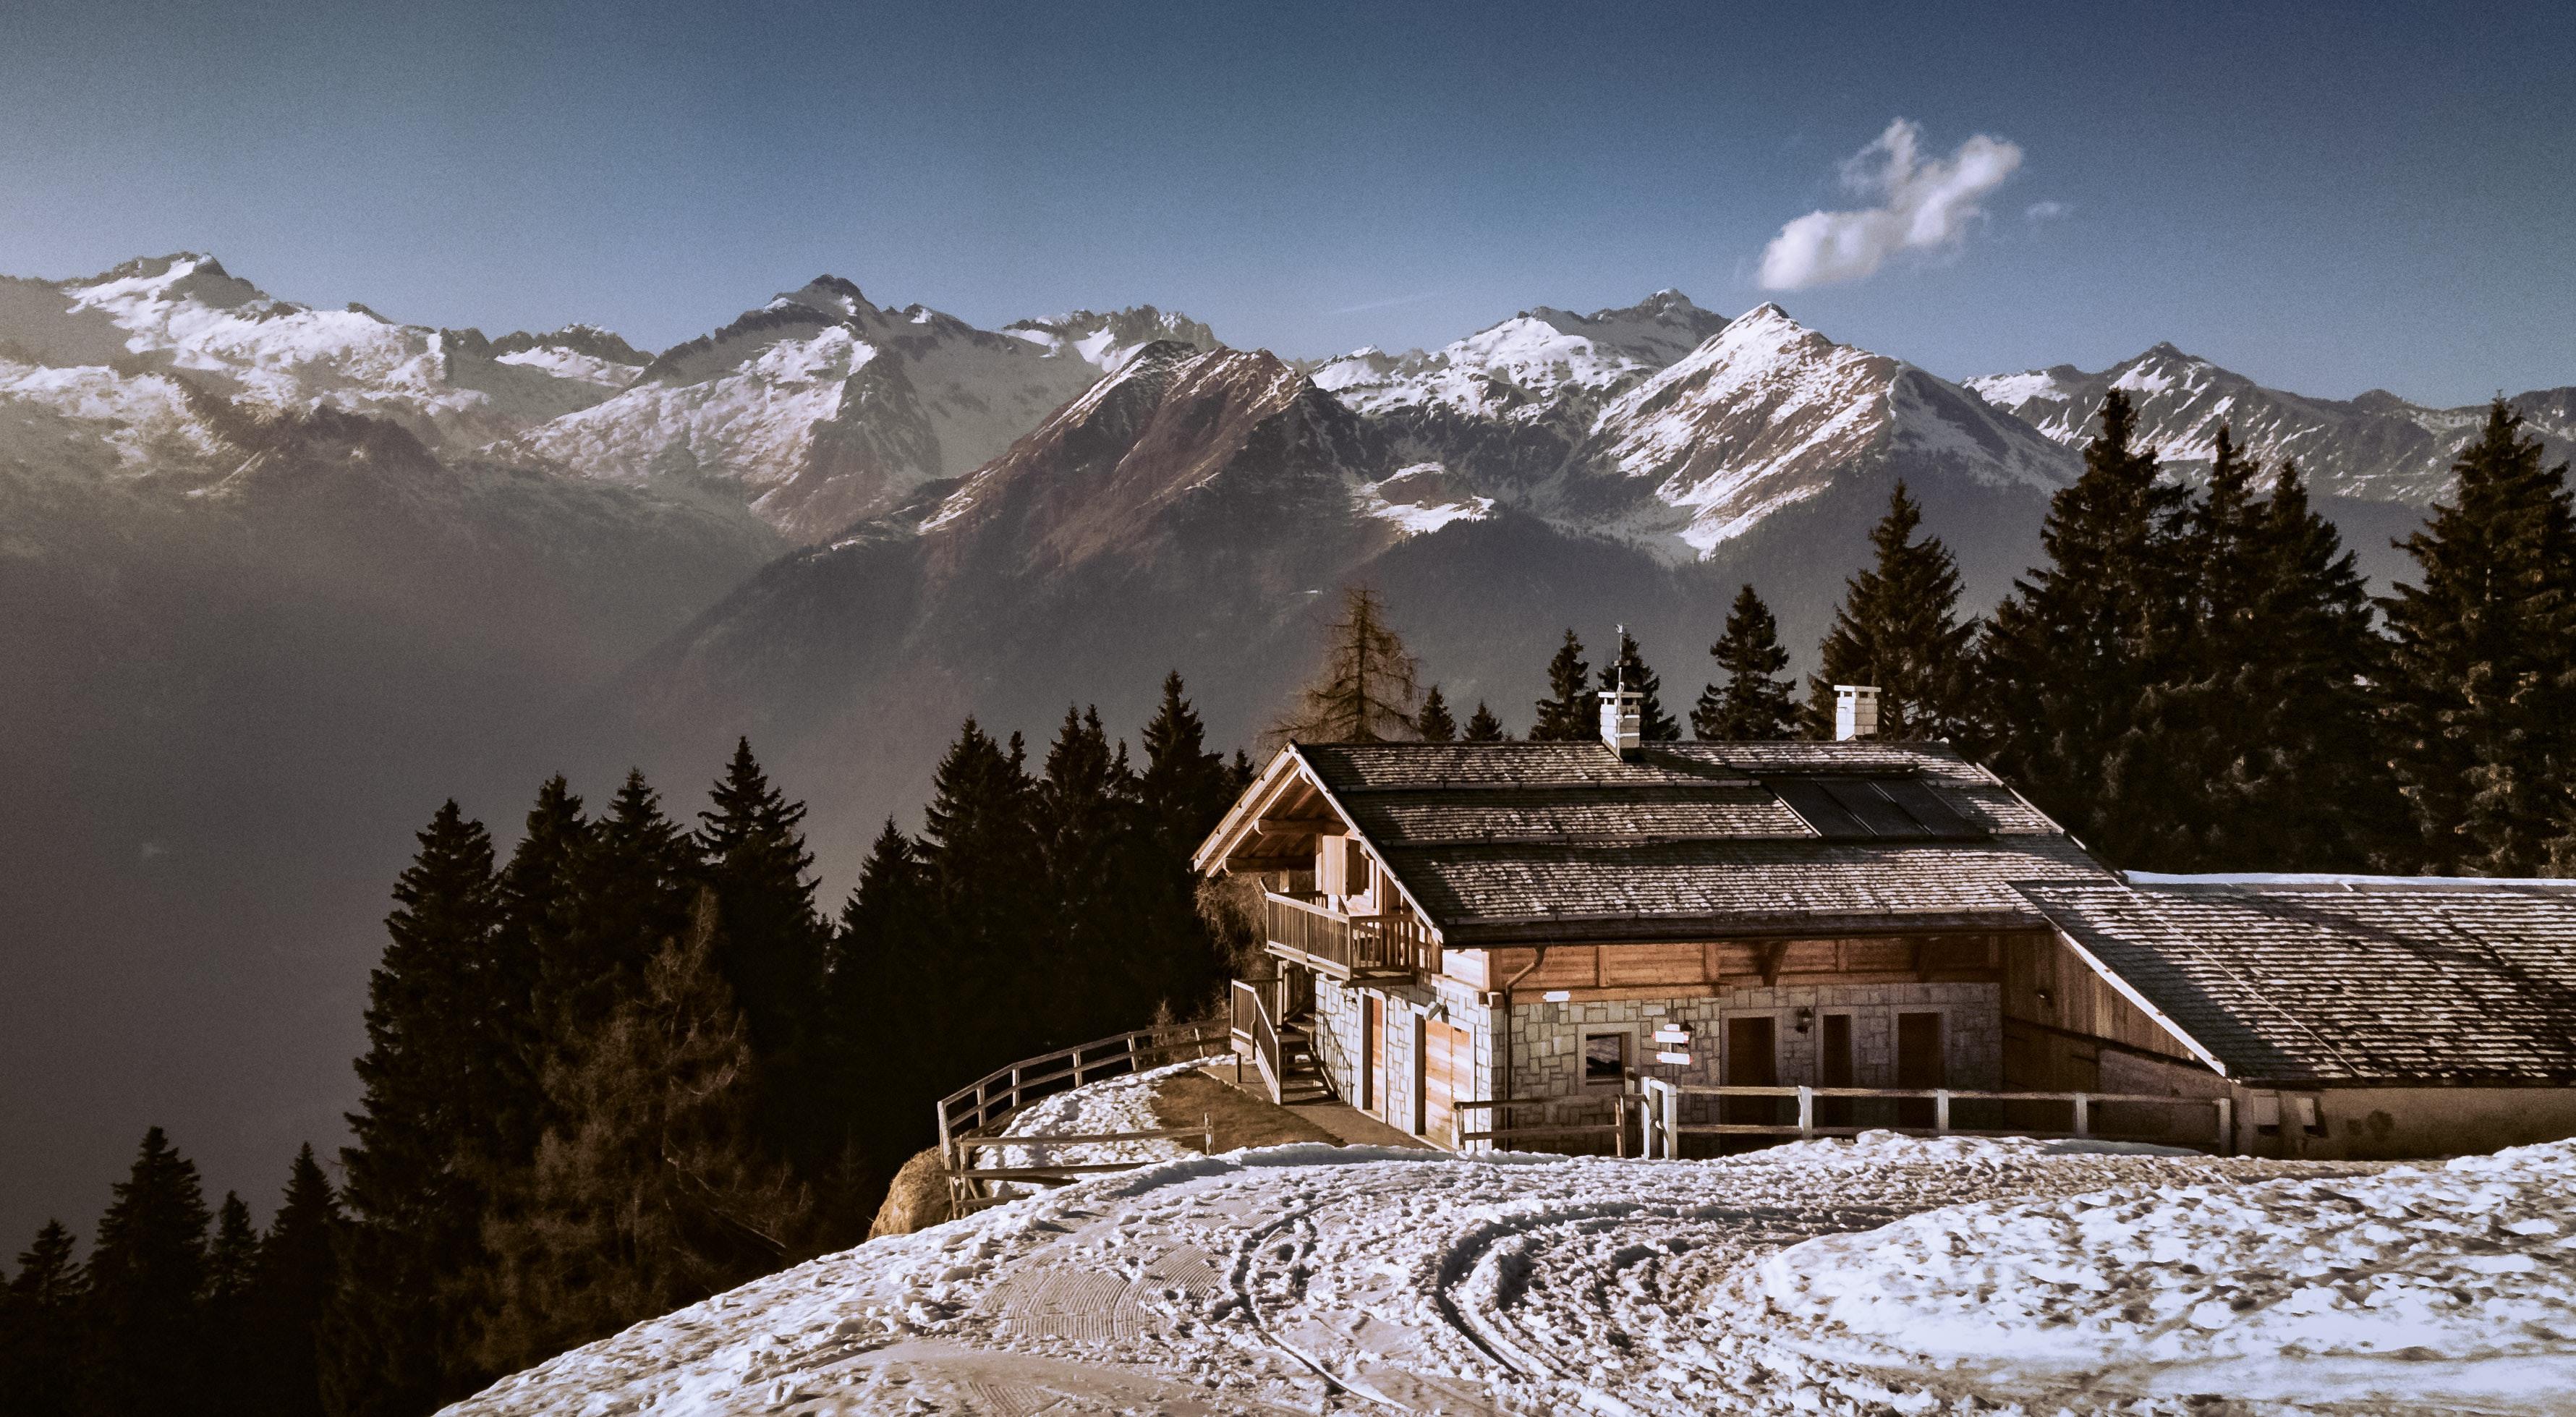 Berggasthaus Aescher-Wirdkirchli restaurant Switzerland panoramic Alps views scenic panorama food experience foodie Europe dining